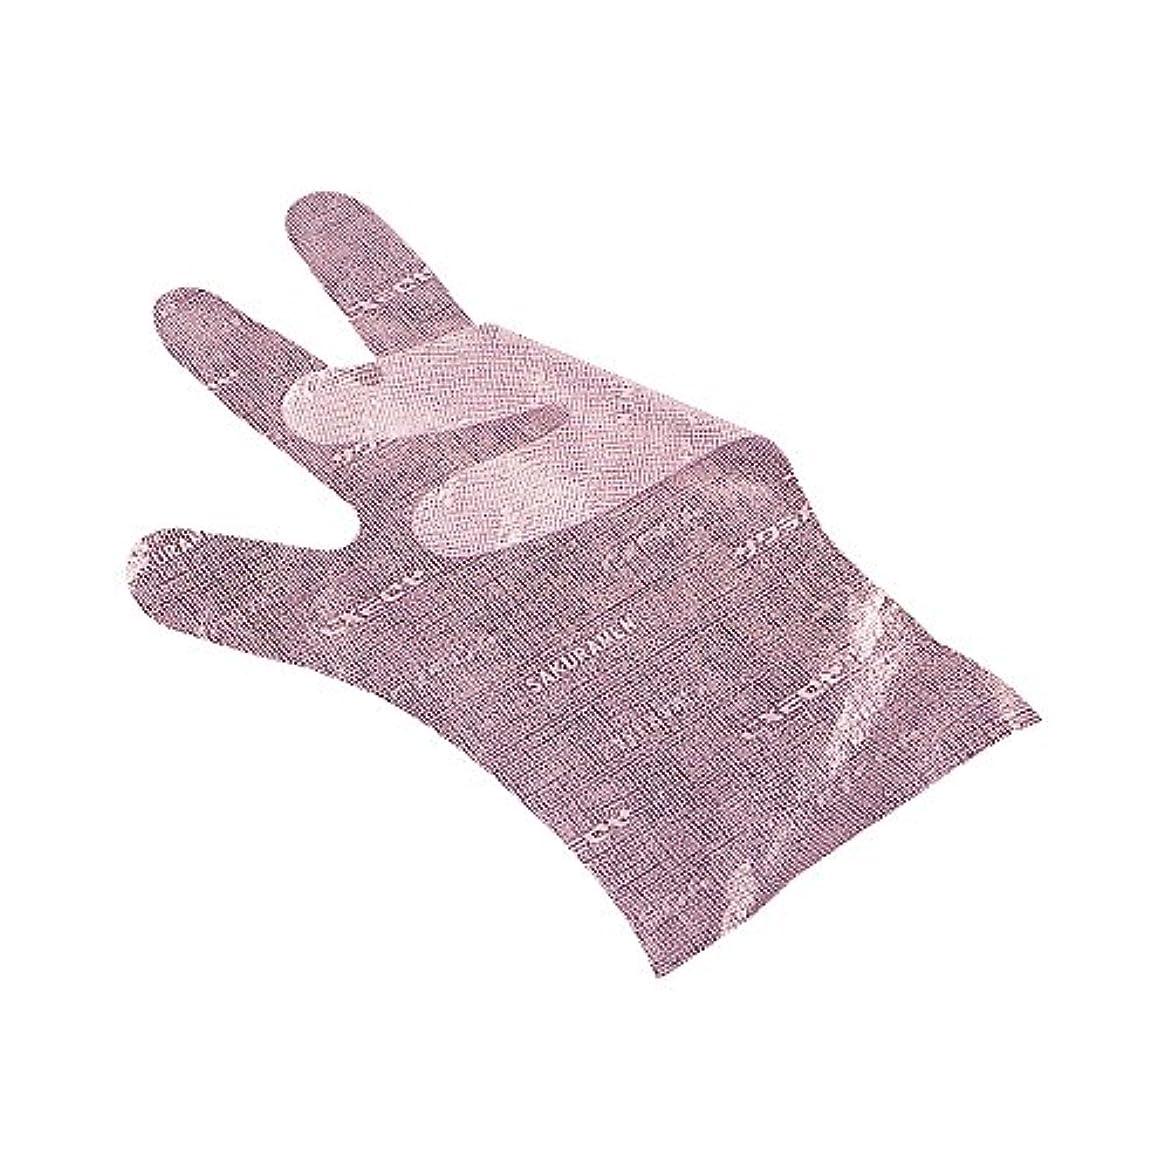 ヨーロッパ夕暮れ口ひげサクラメンエンボス手袋 デラックス ピンク S 100枚入